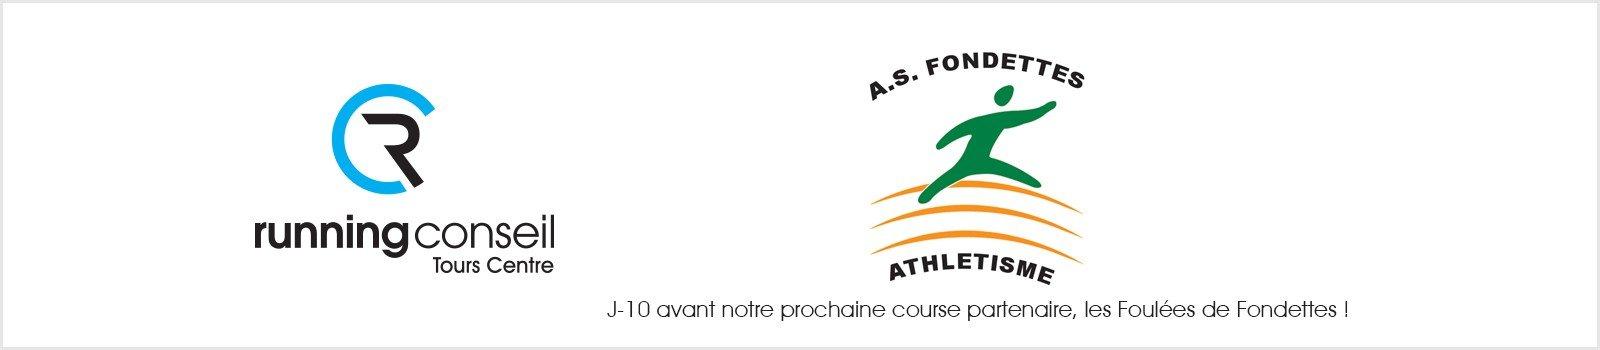 J-10 avant notre prochaine course partenaire, les Foulées de Fondettes !